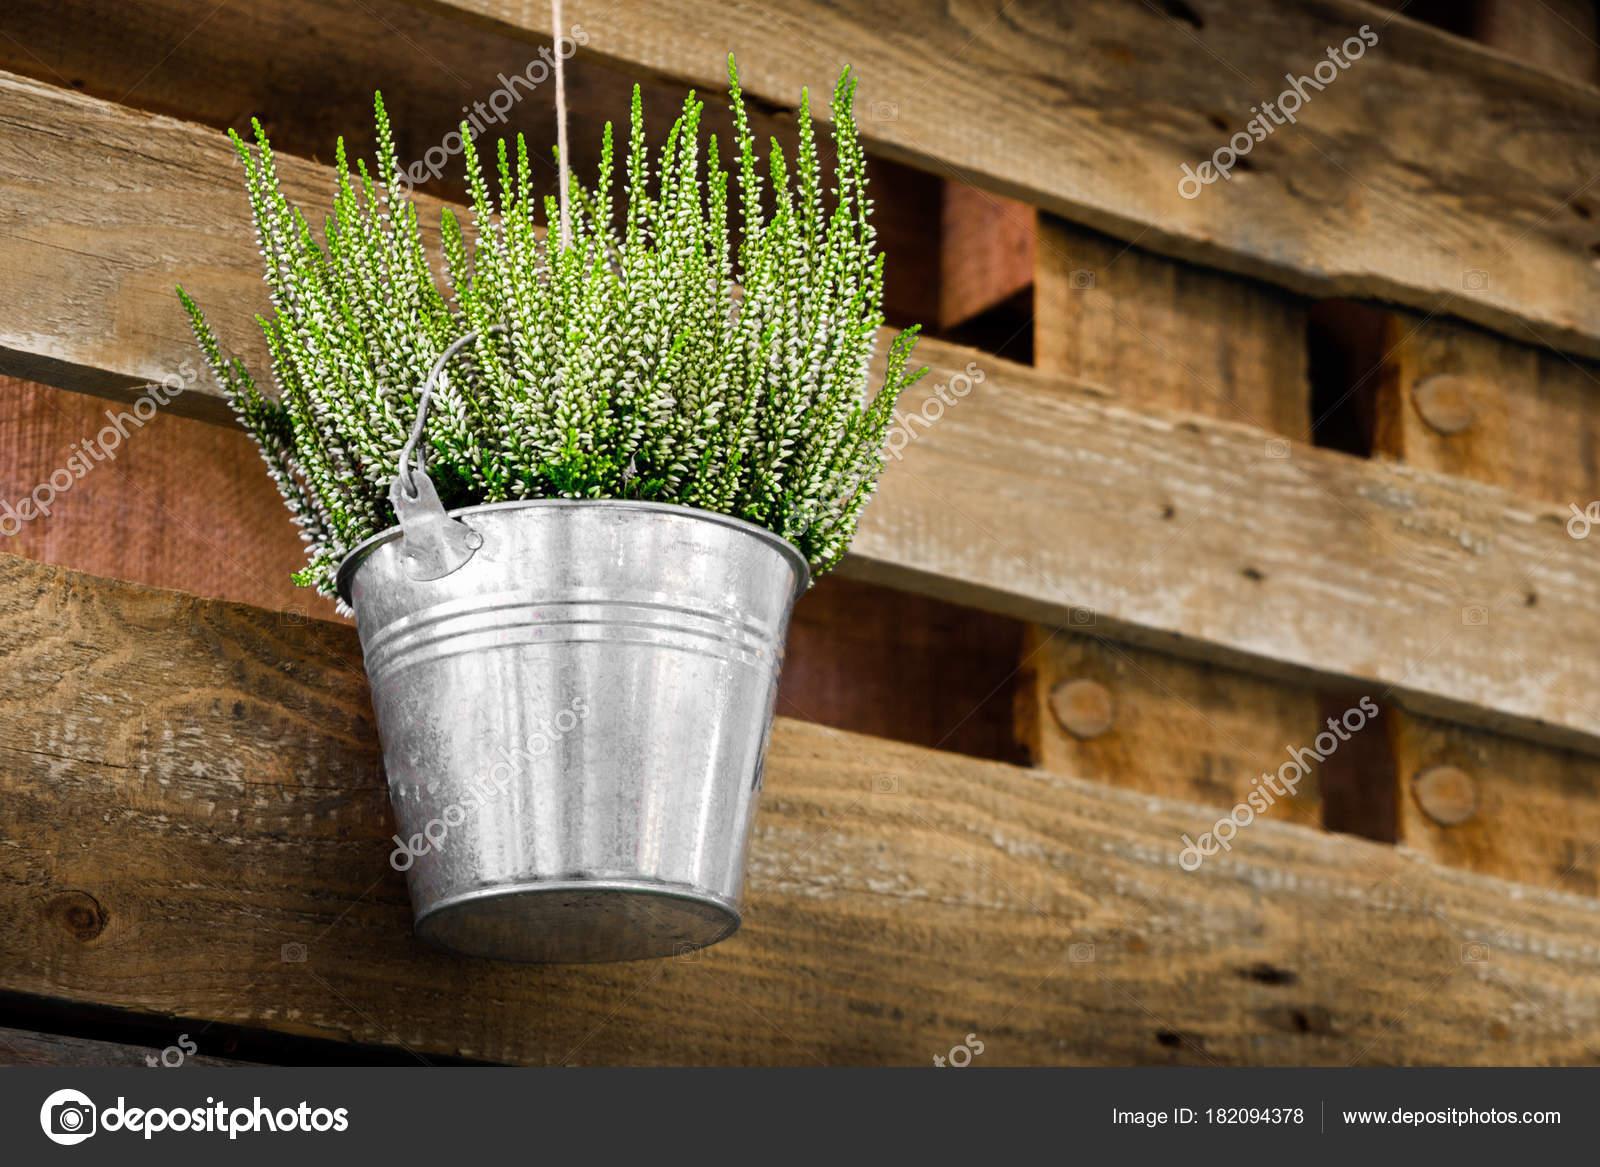 topfpflanzen aus holz hintergrund heidekraut blecheimer. Black Bedroom Furniture Sets. Home Design Ideas